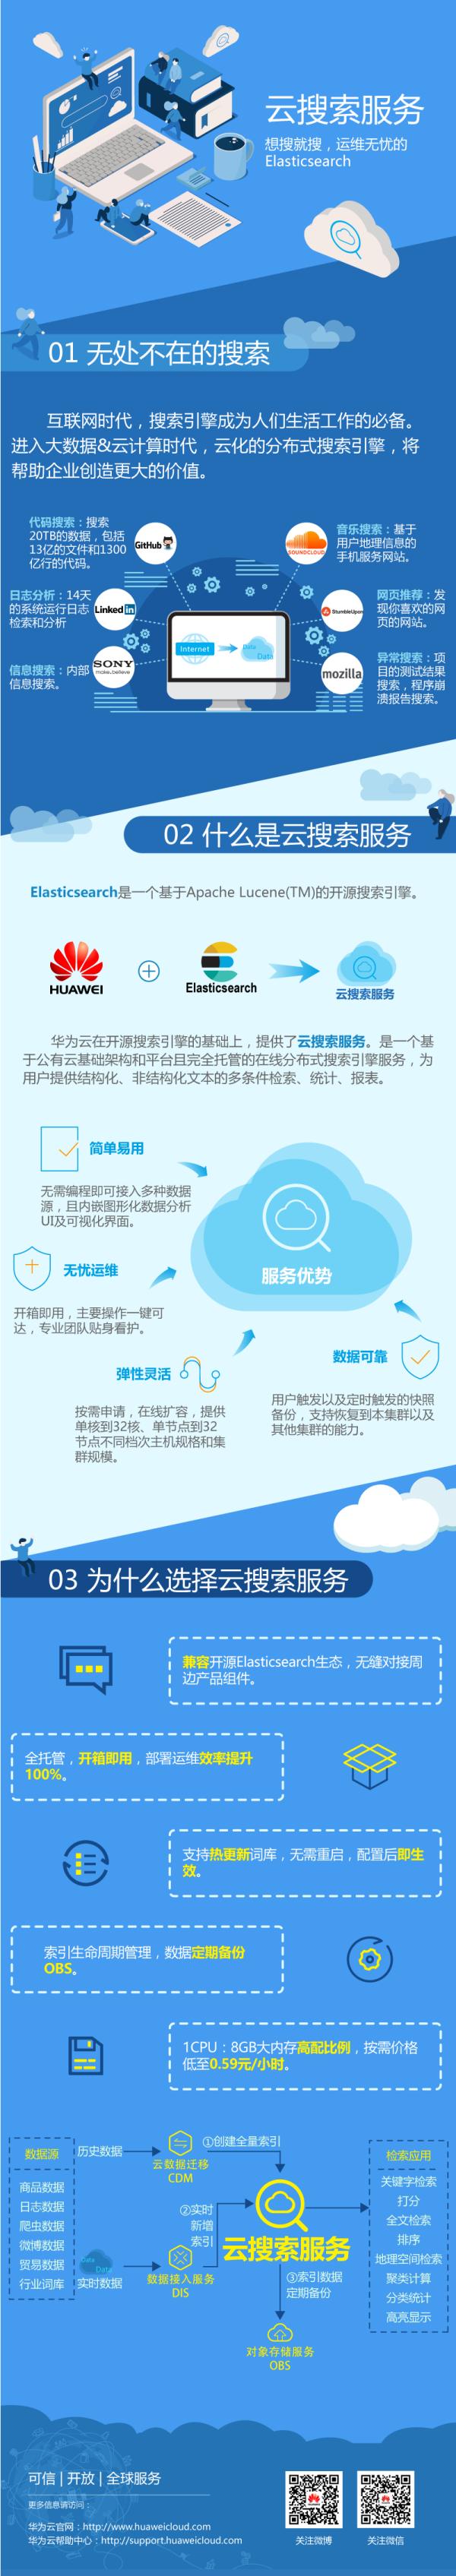 激活数据价值 华为云云搜索服务正式商用